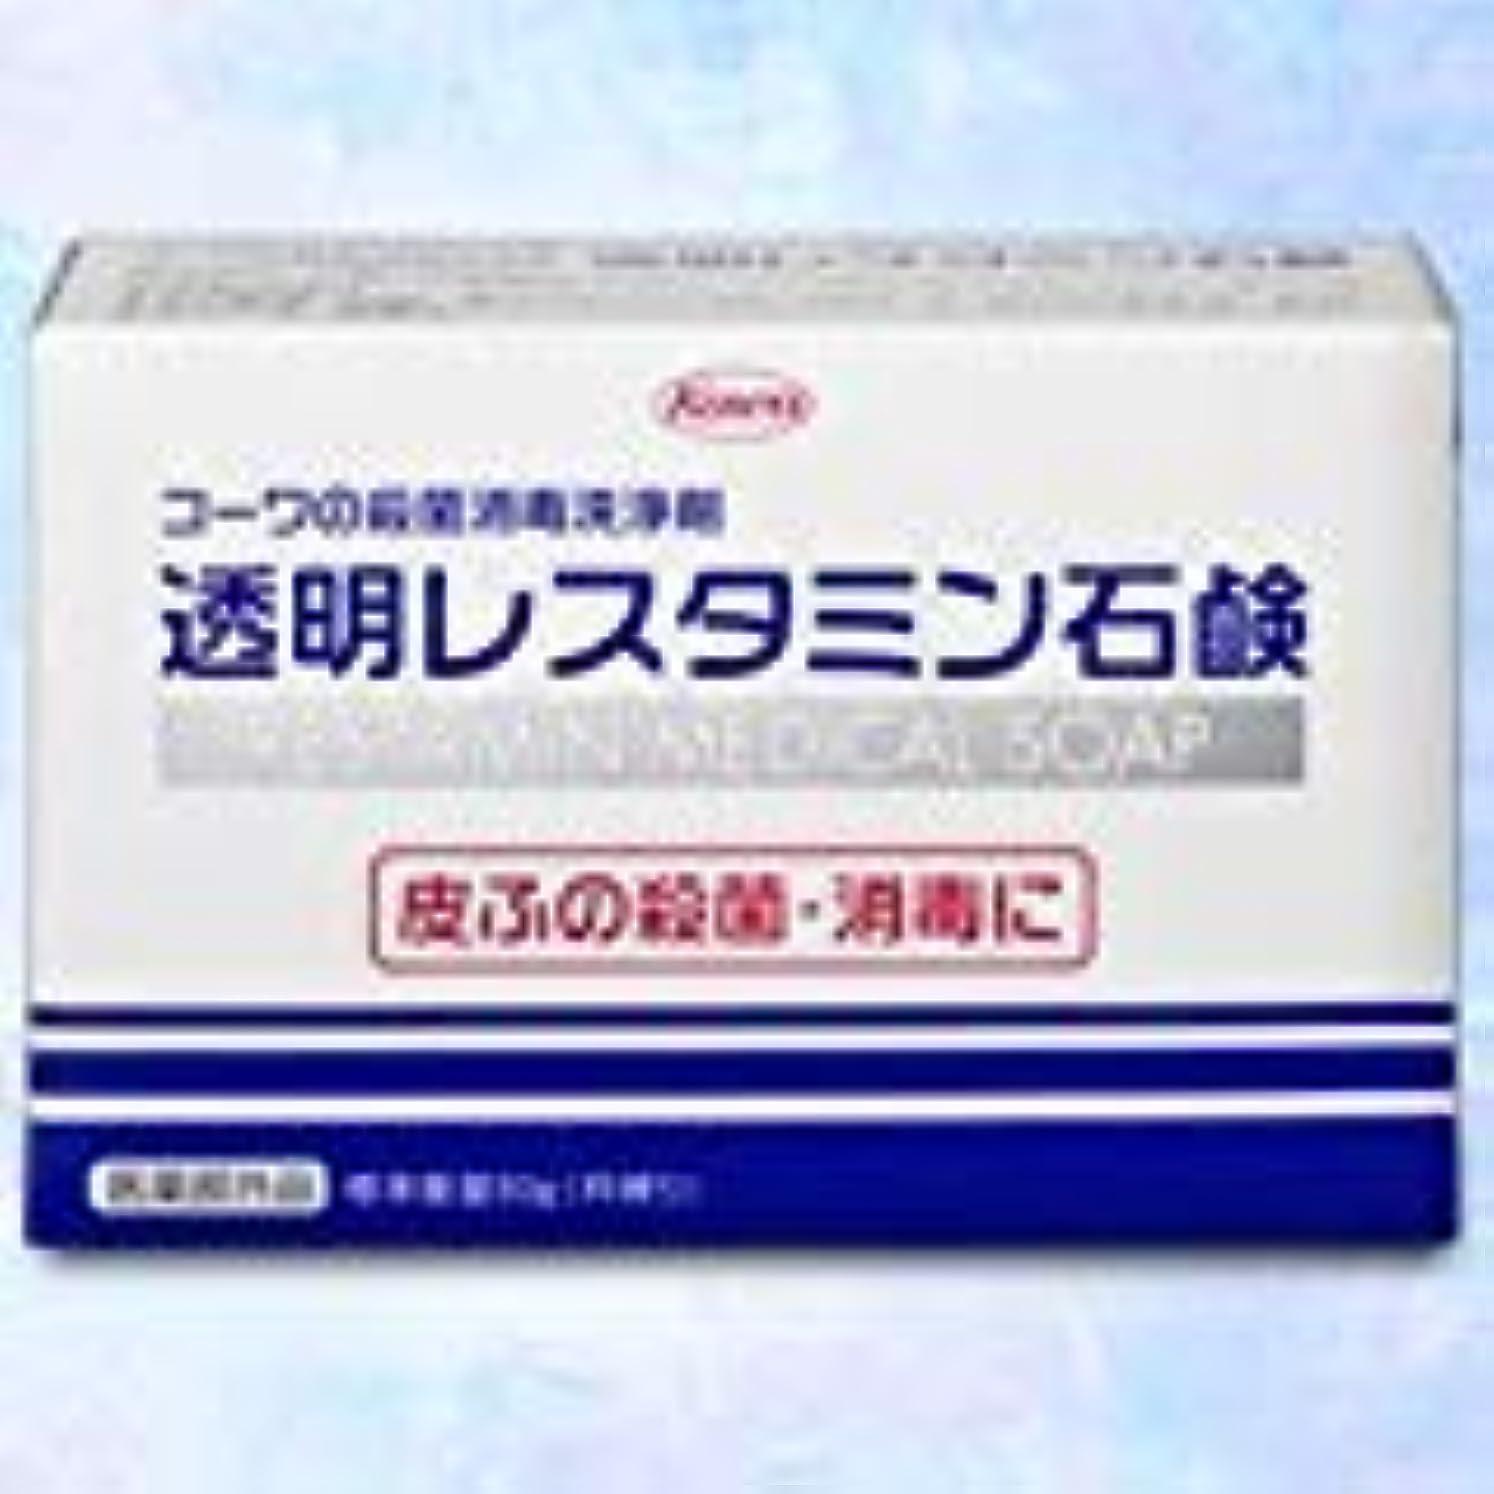 批判的レビュー対応する【興和】コーワの殺菌消毒洗浄剤「透明レスタミン石鹸」80g(医薬部外品) ×5個セット